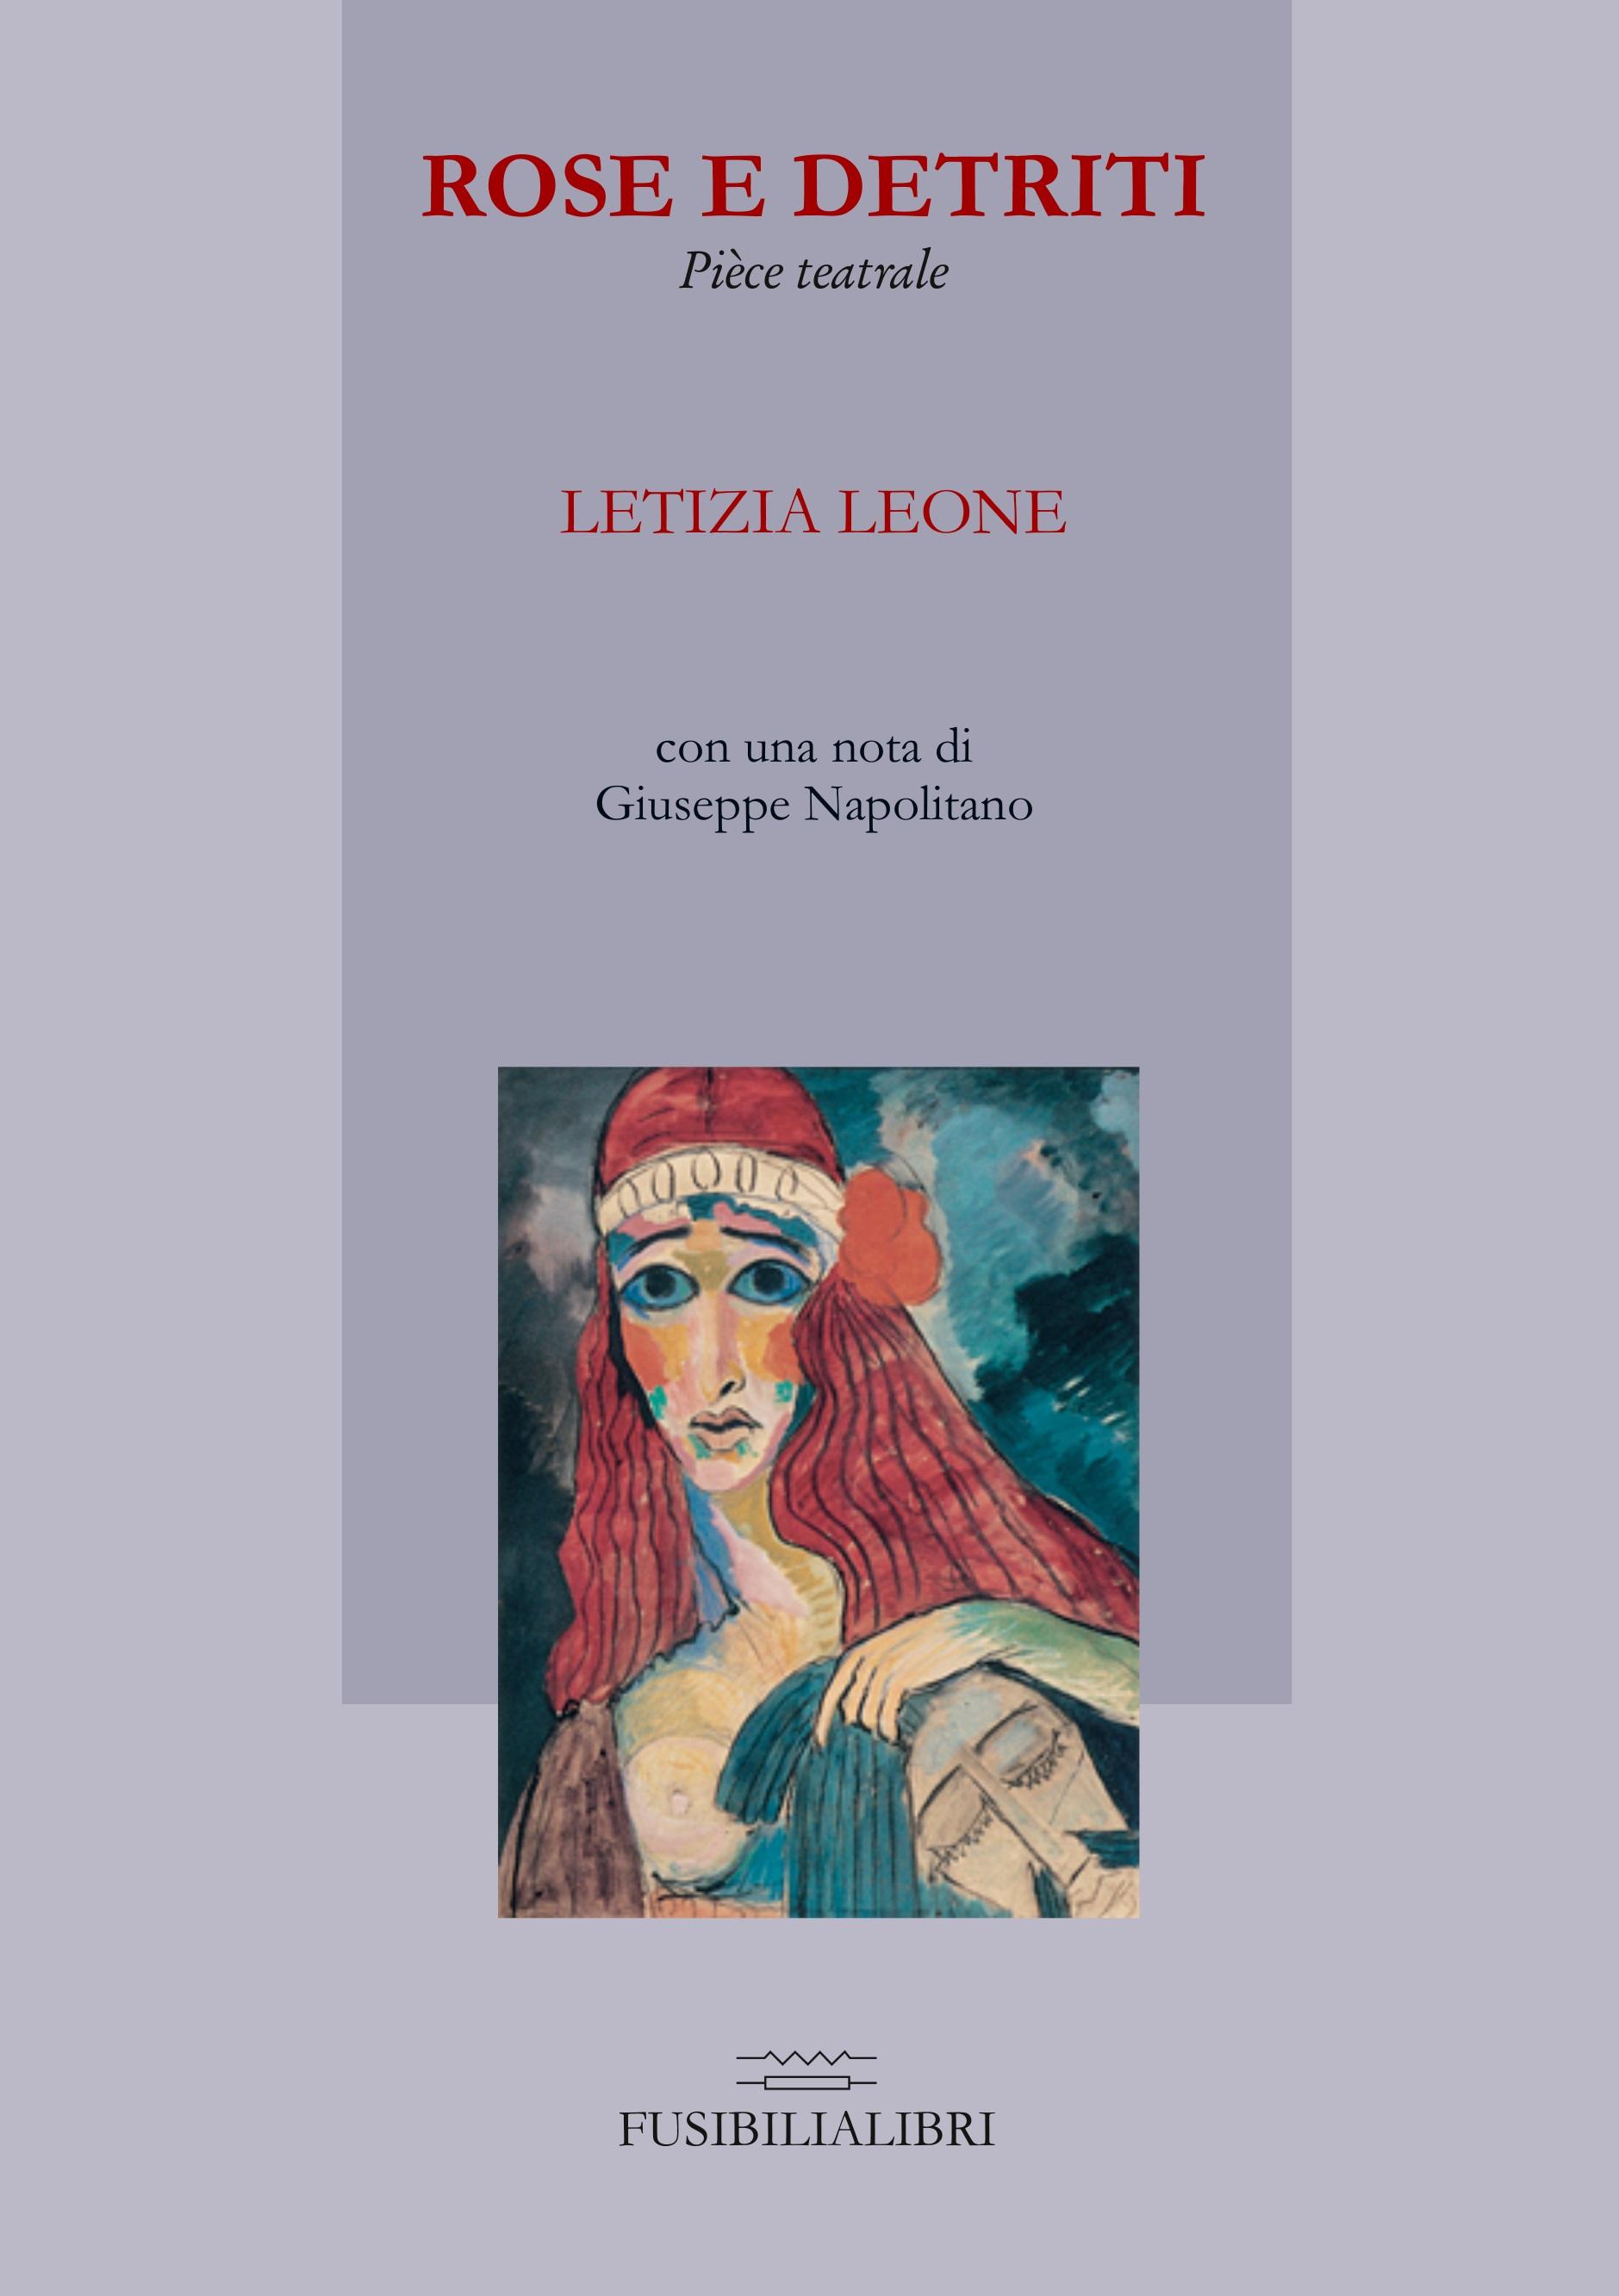 cover5 Ietizia leone rose e detriti - solo prima